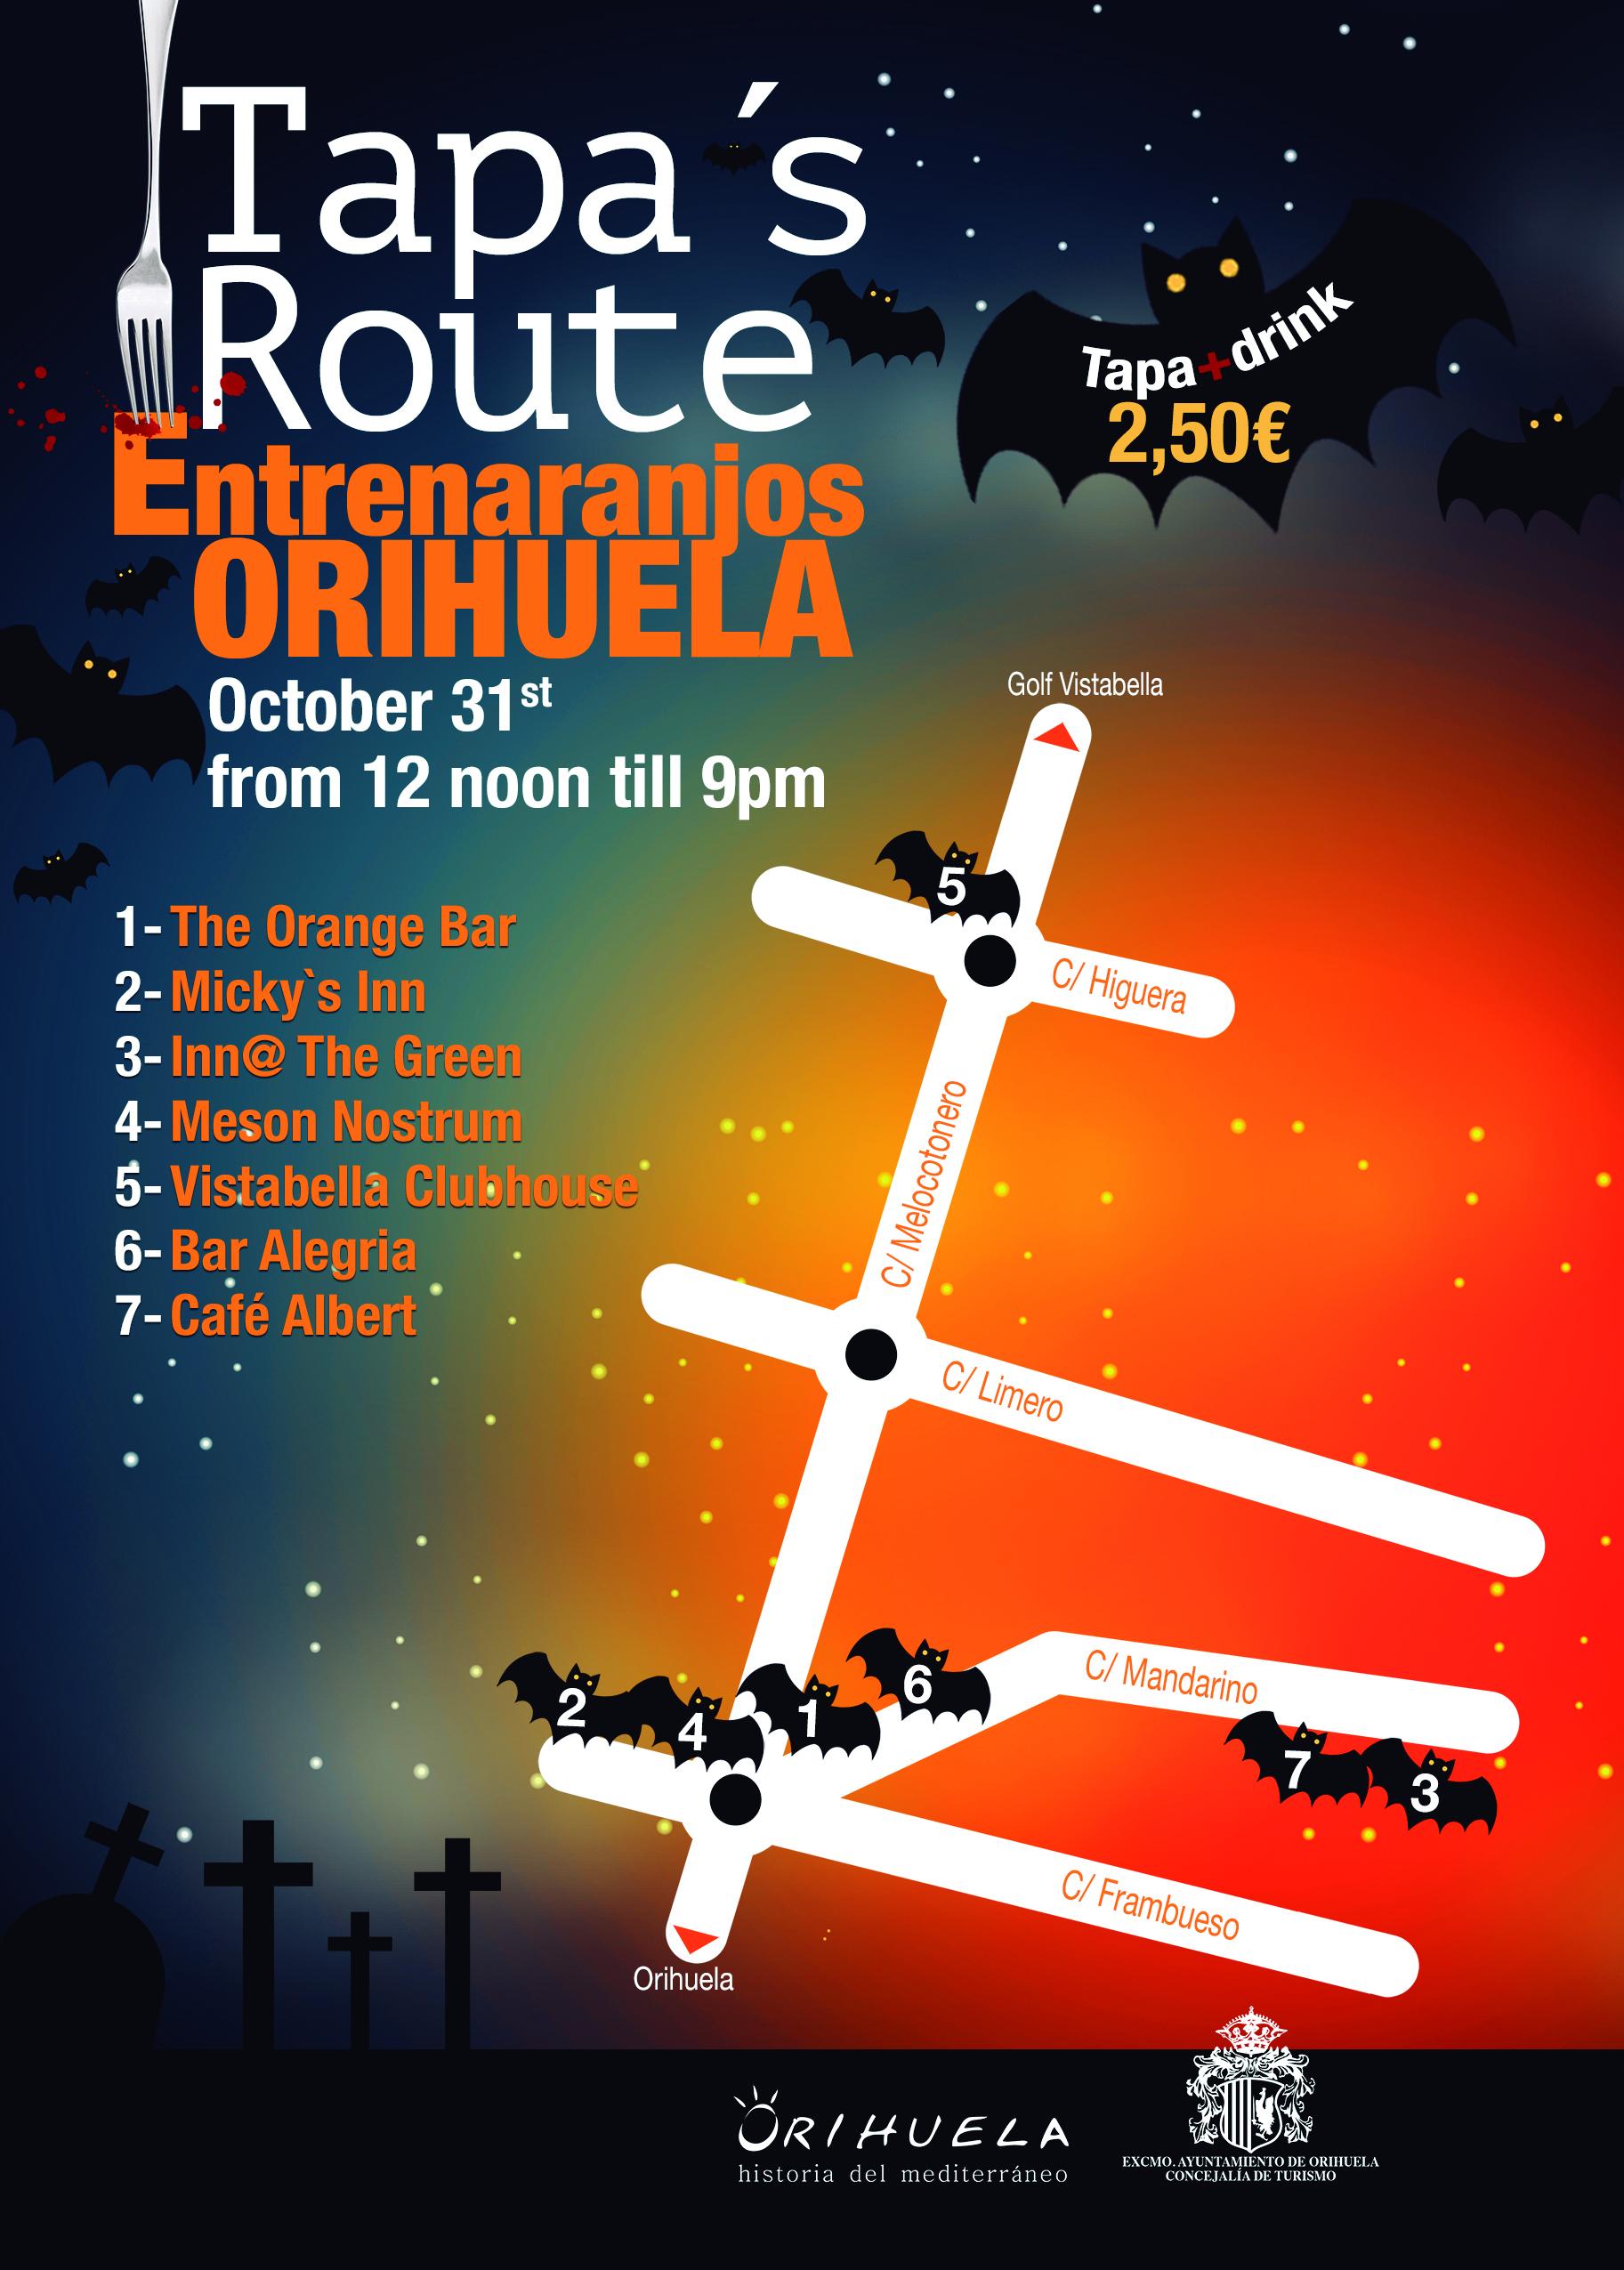 Halloween Tapas route at Entre Naranjos